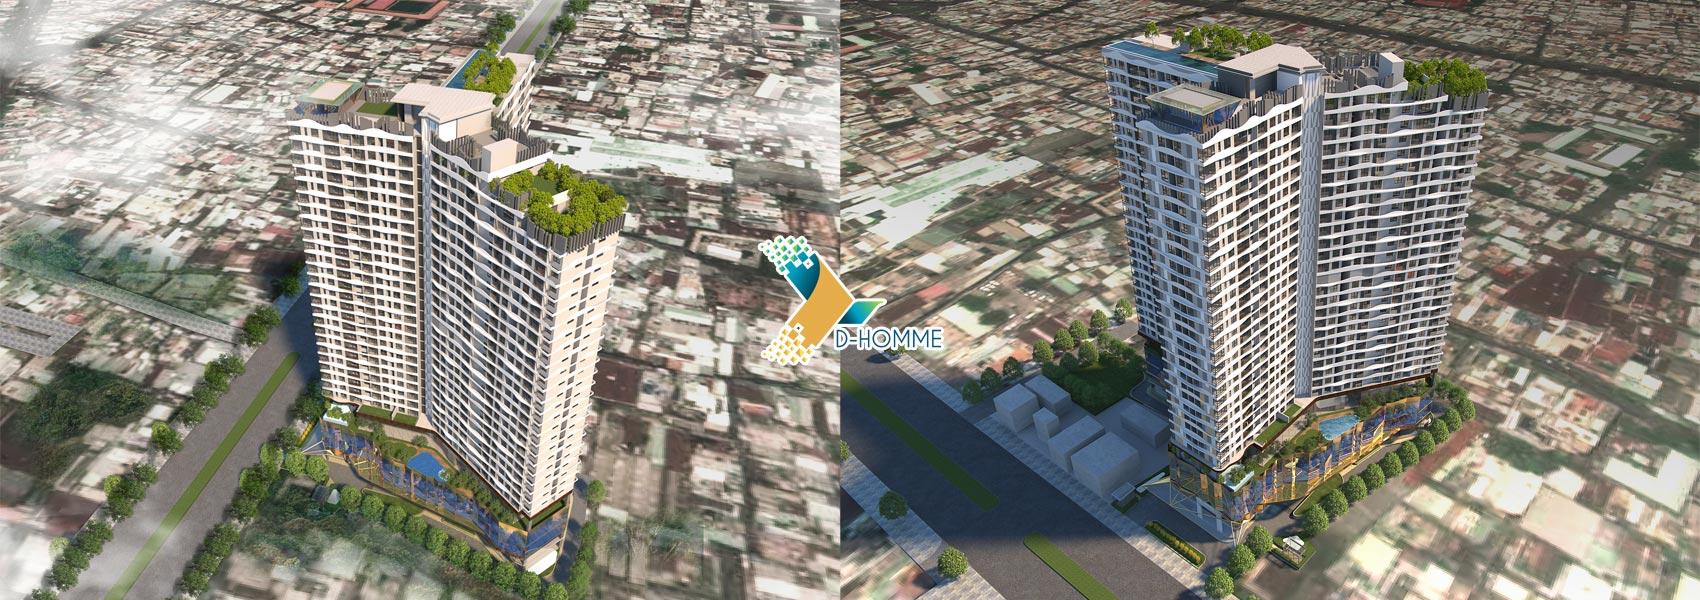 Mua bán ch ohtuê căn hộ D Homme Quận 6 đường Hồng Bàng